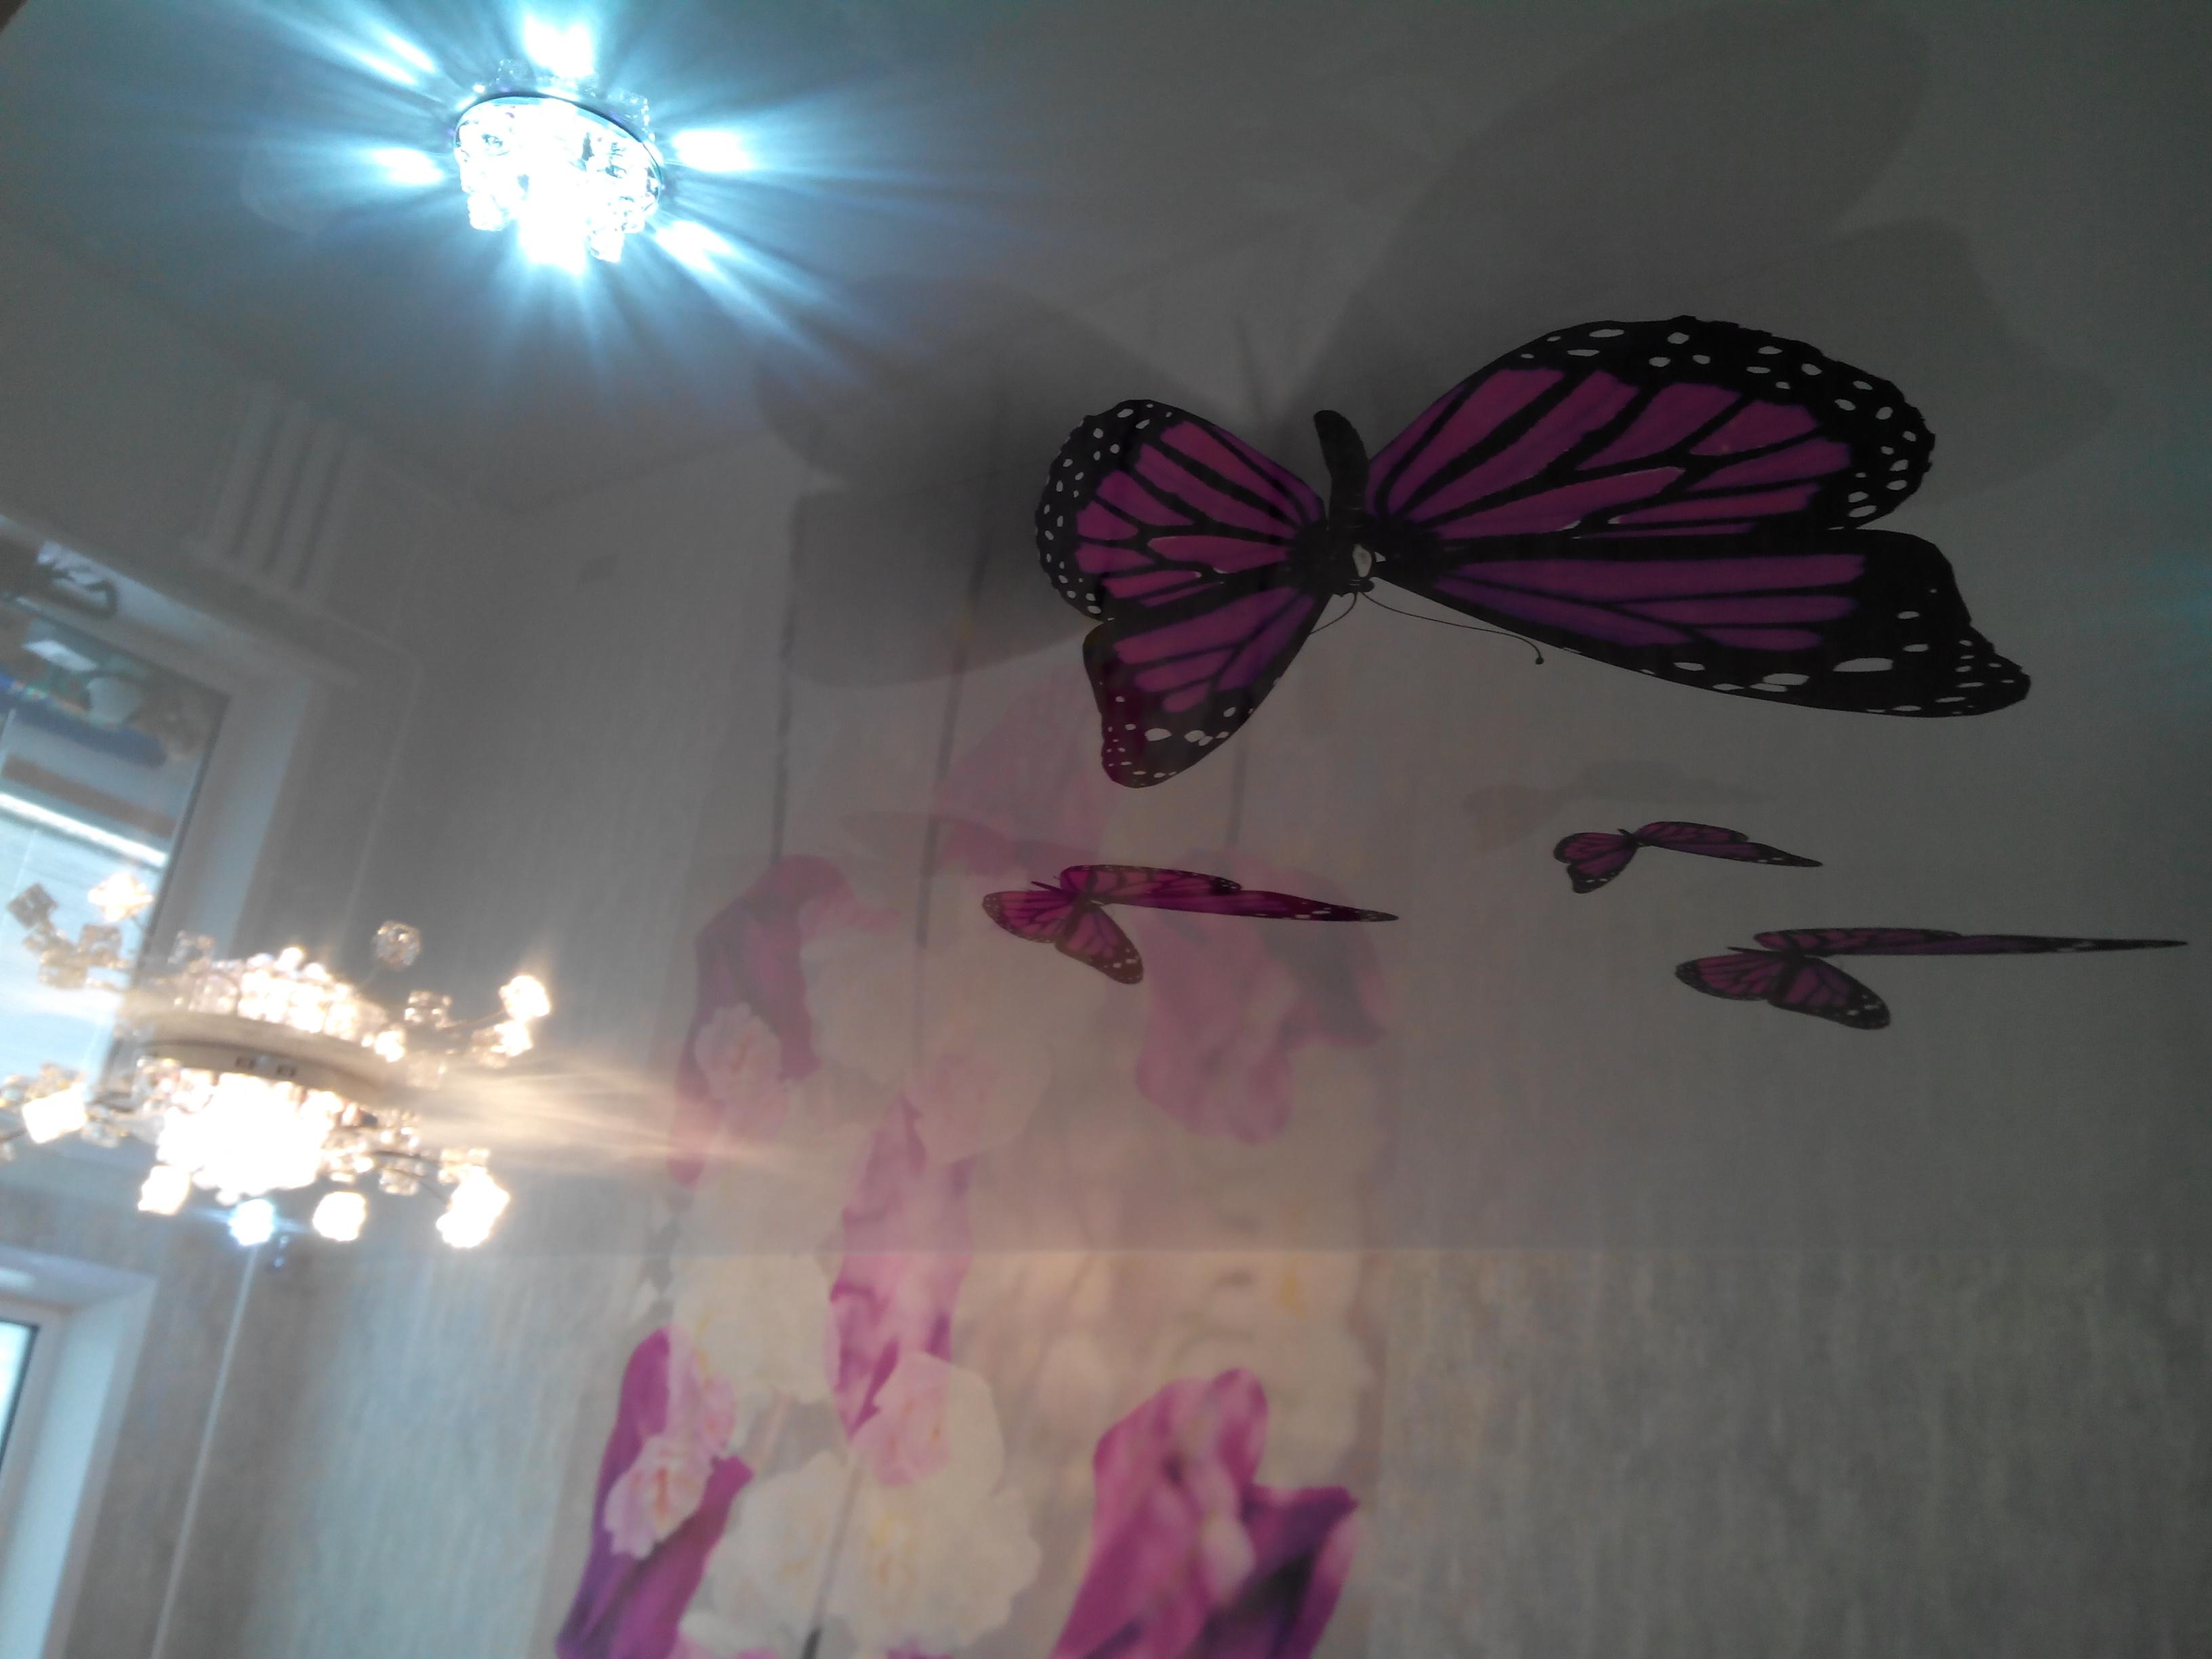 натяжные потолки фото цена монтаж в Самаре глянцевые